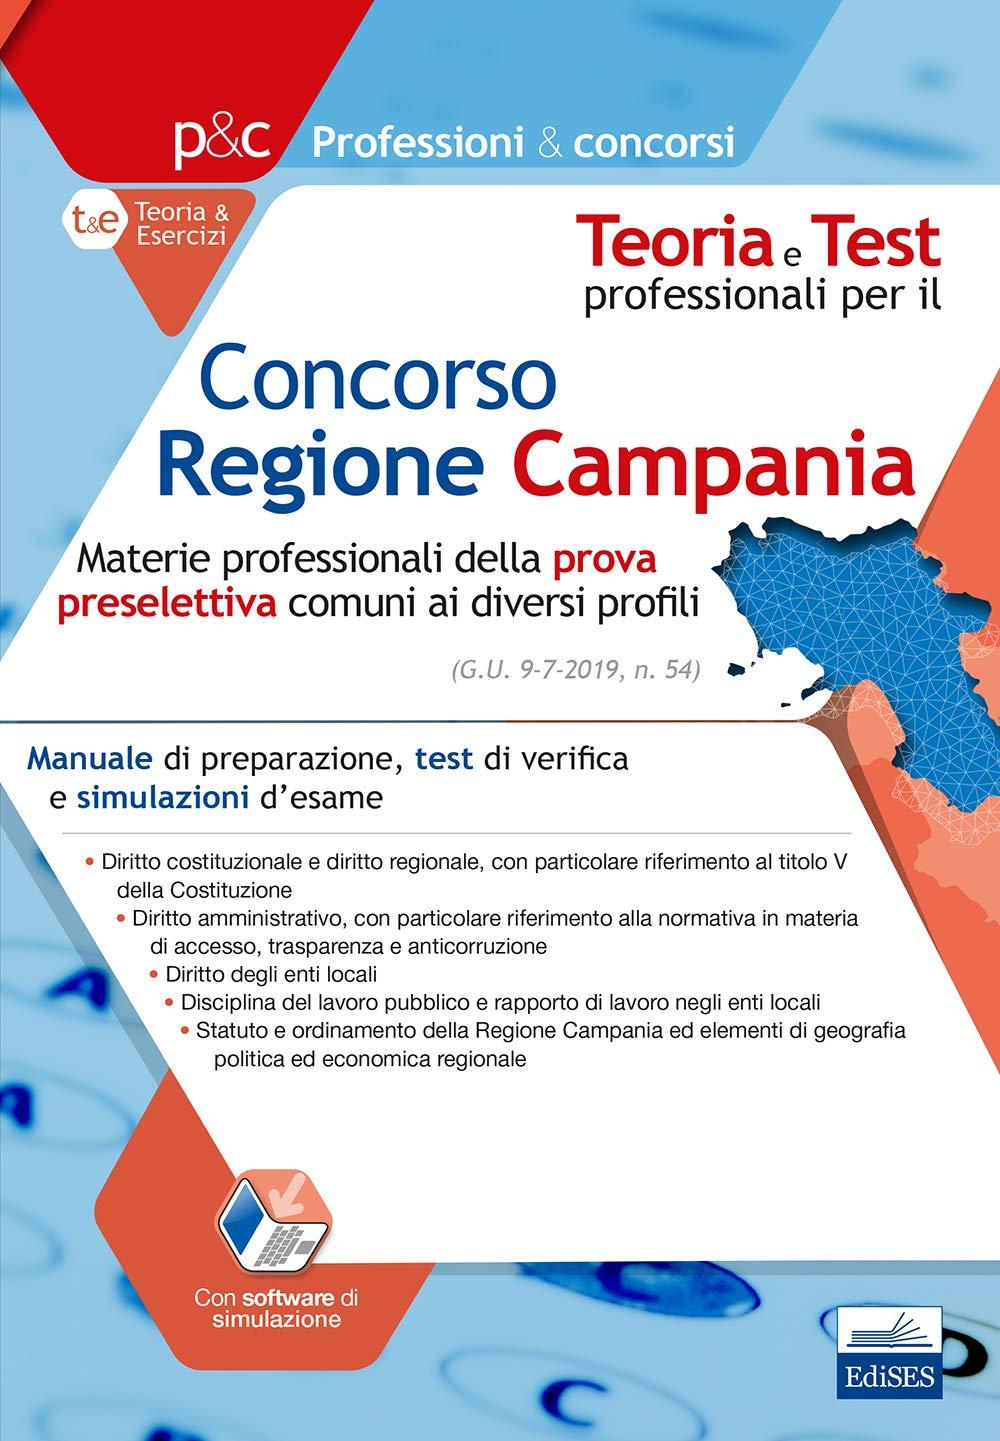 Lavoro da casa - in Offerte di lavoro a Napoli e provincia - trovatuttonline.it